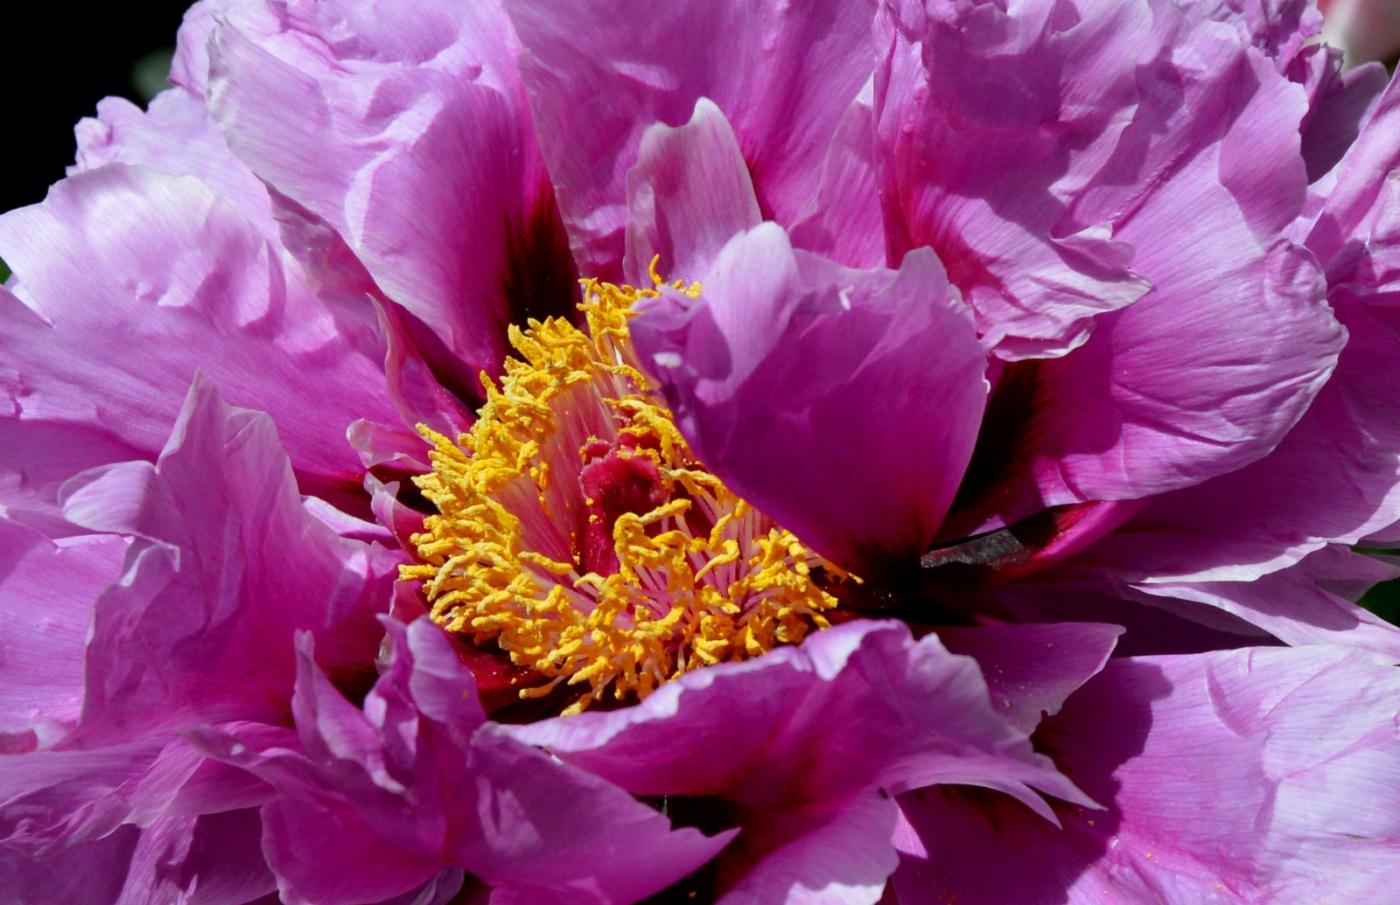 美丽的花蕊 (2)_图1-30